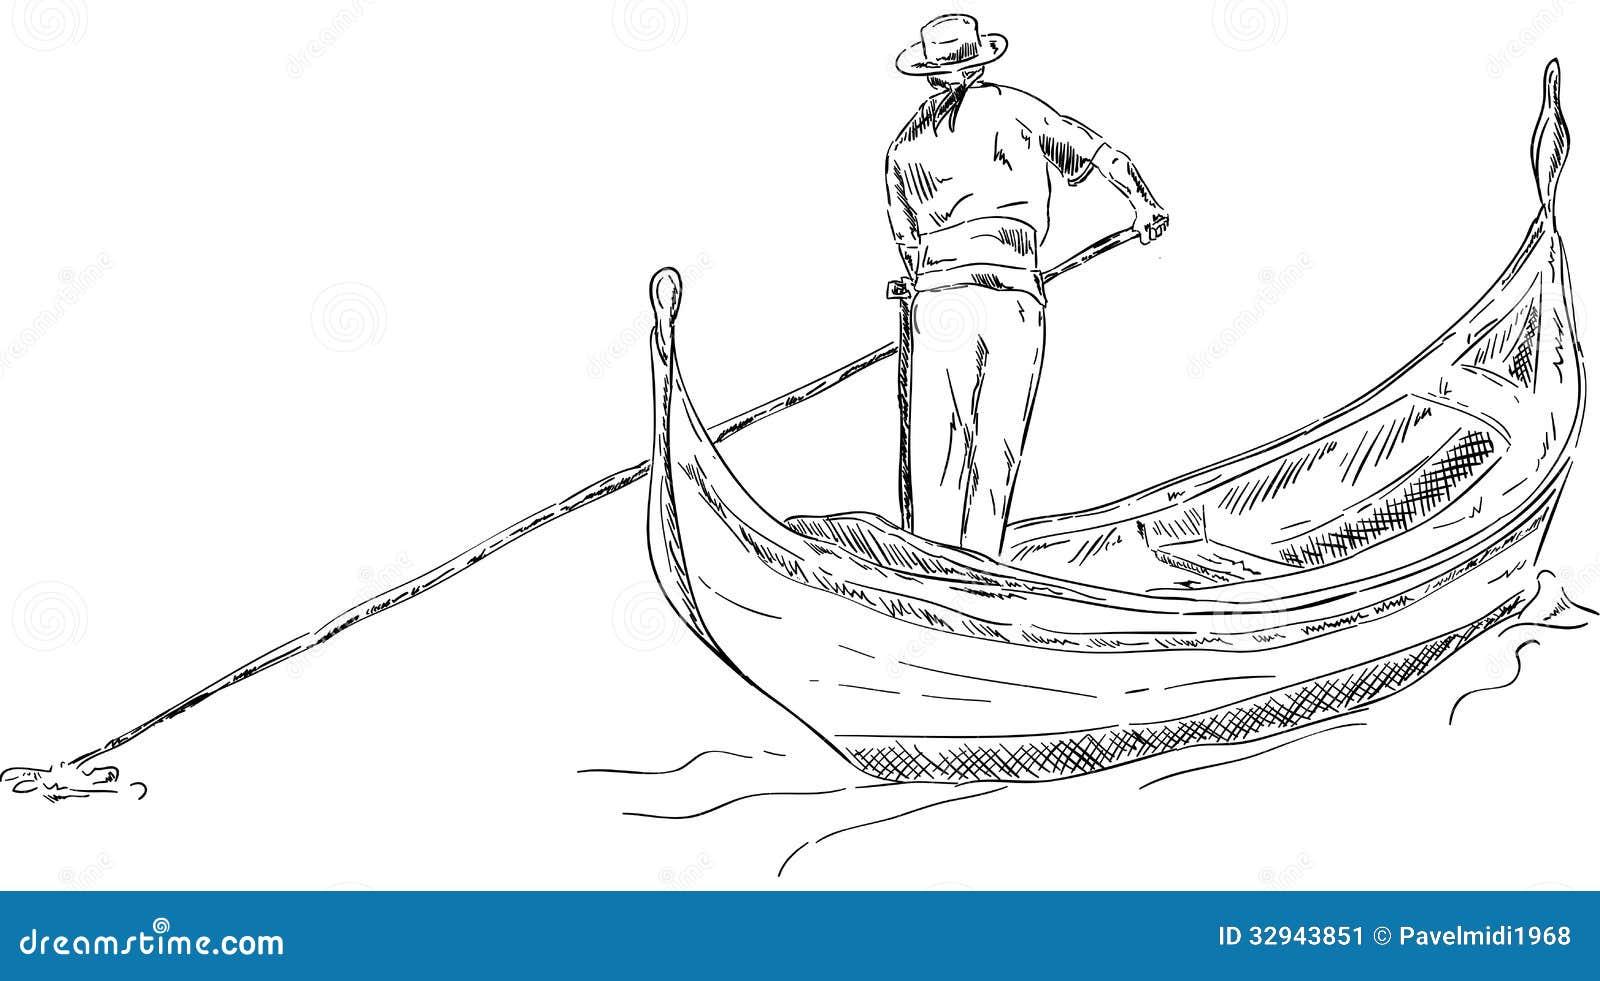 Gondola Stock Image - Image: 32943851